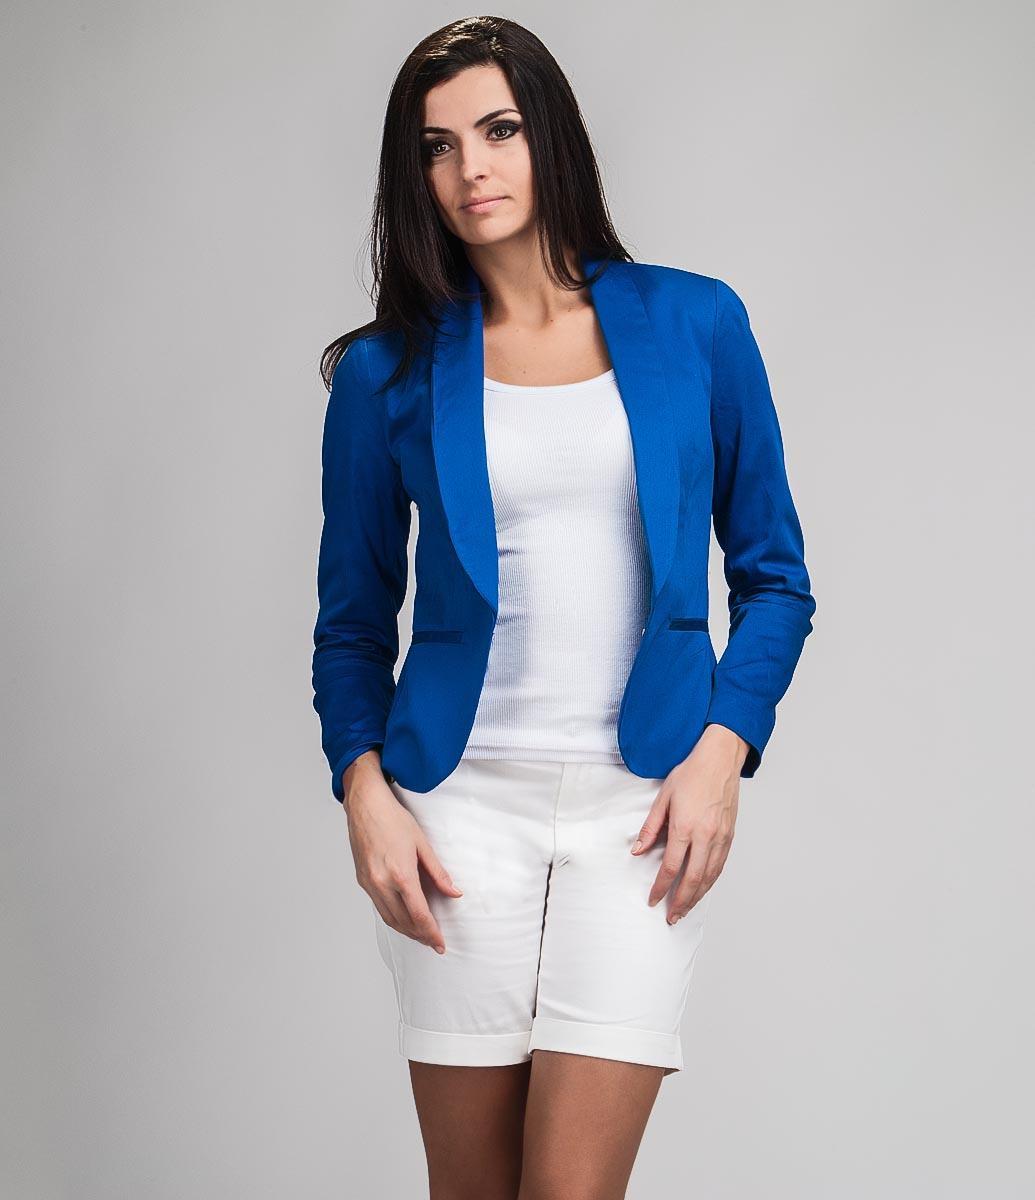 6af190be79 Especial looks com blazer feminino da moda  Azul